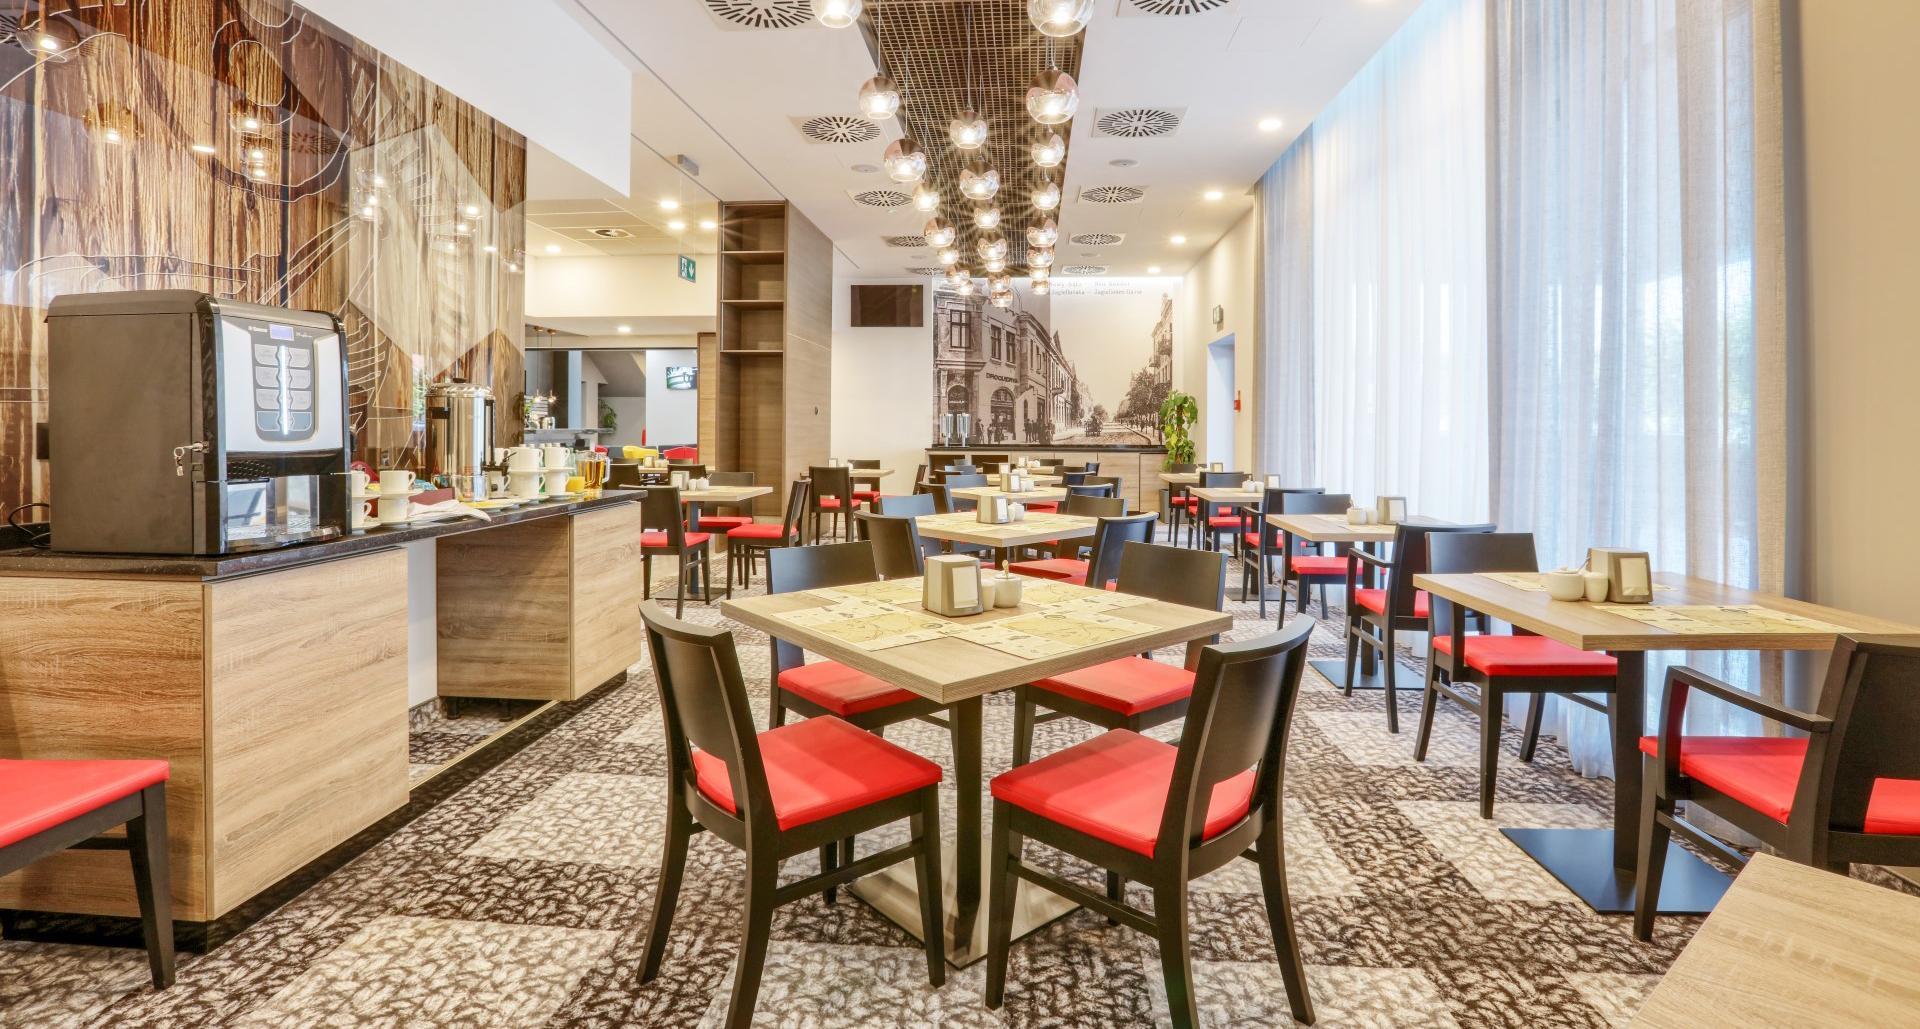 Restauracja Atelier Sedziowoja Hotel Ibis Styles Nowy Sacz